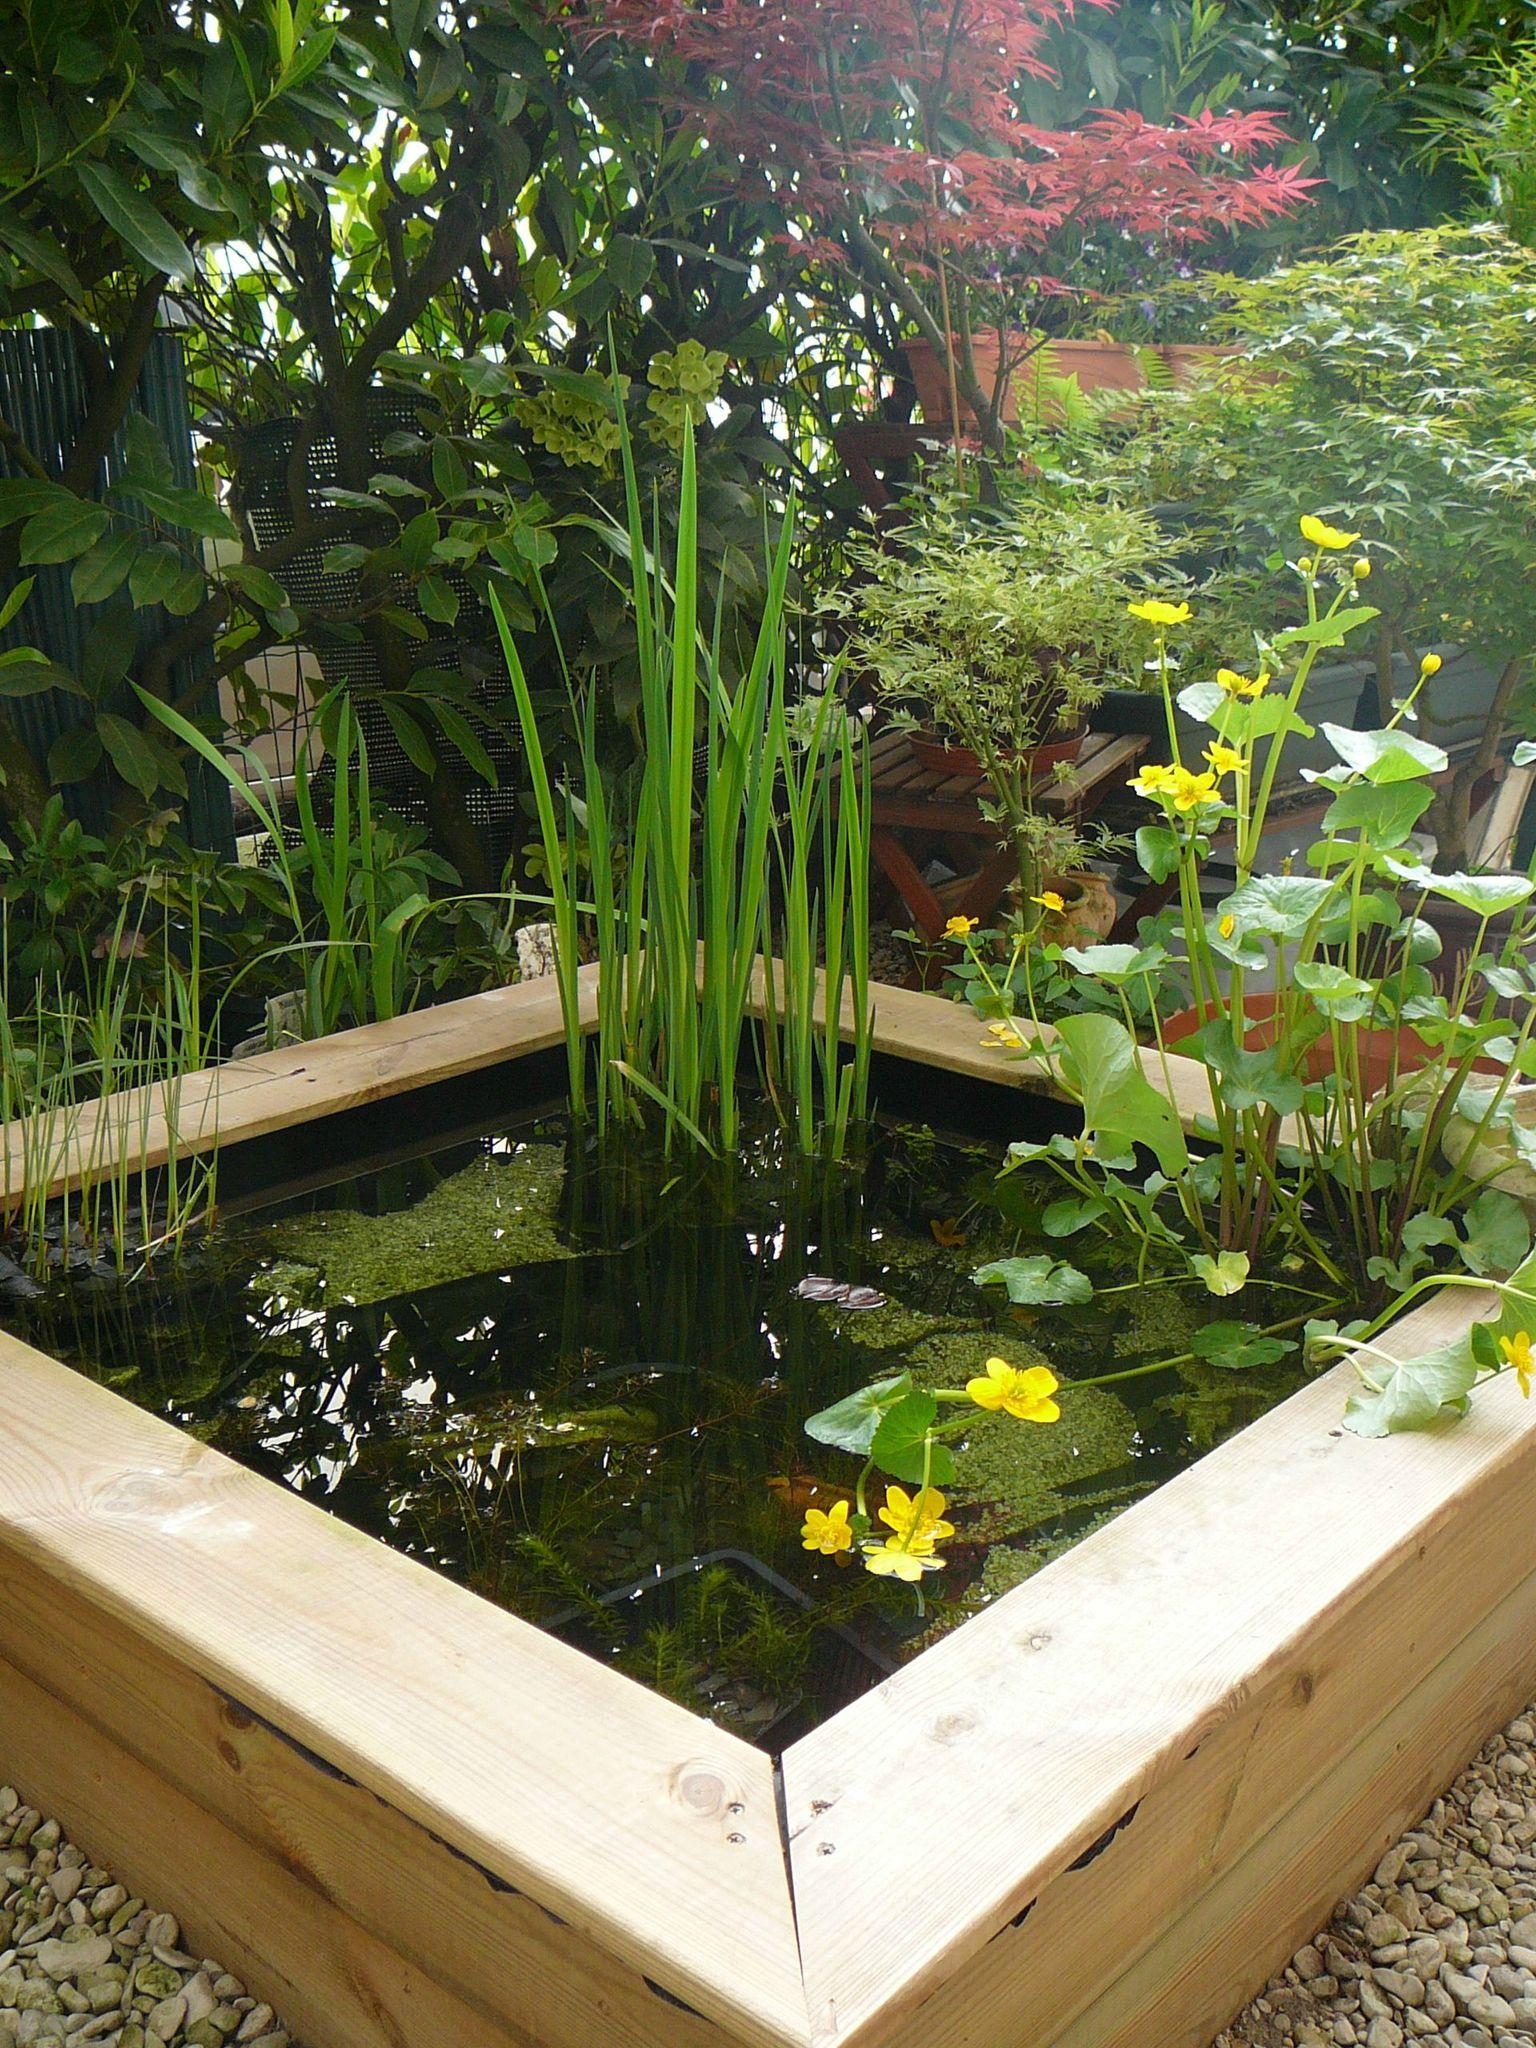 Bassin Poisson Terrasse encequiconcerne Petit Bassin Pour Jardin